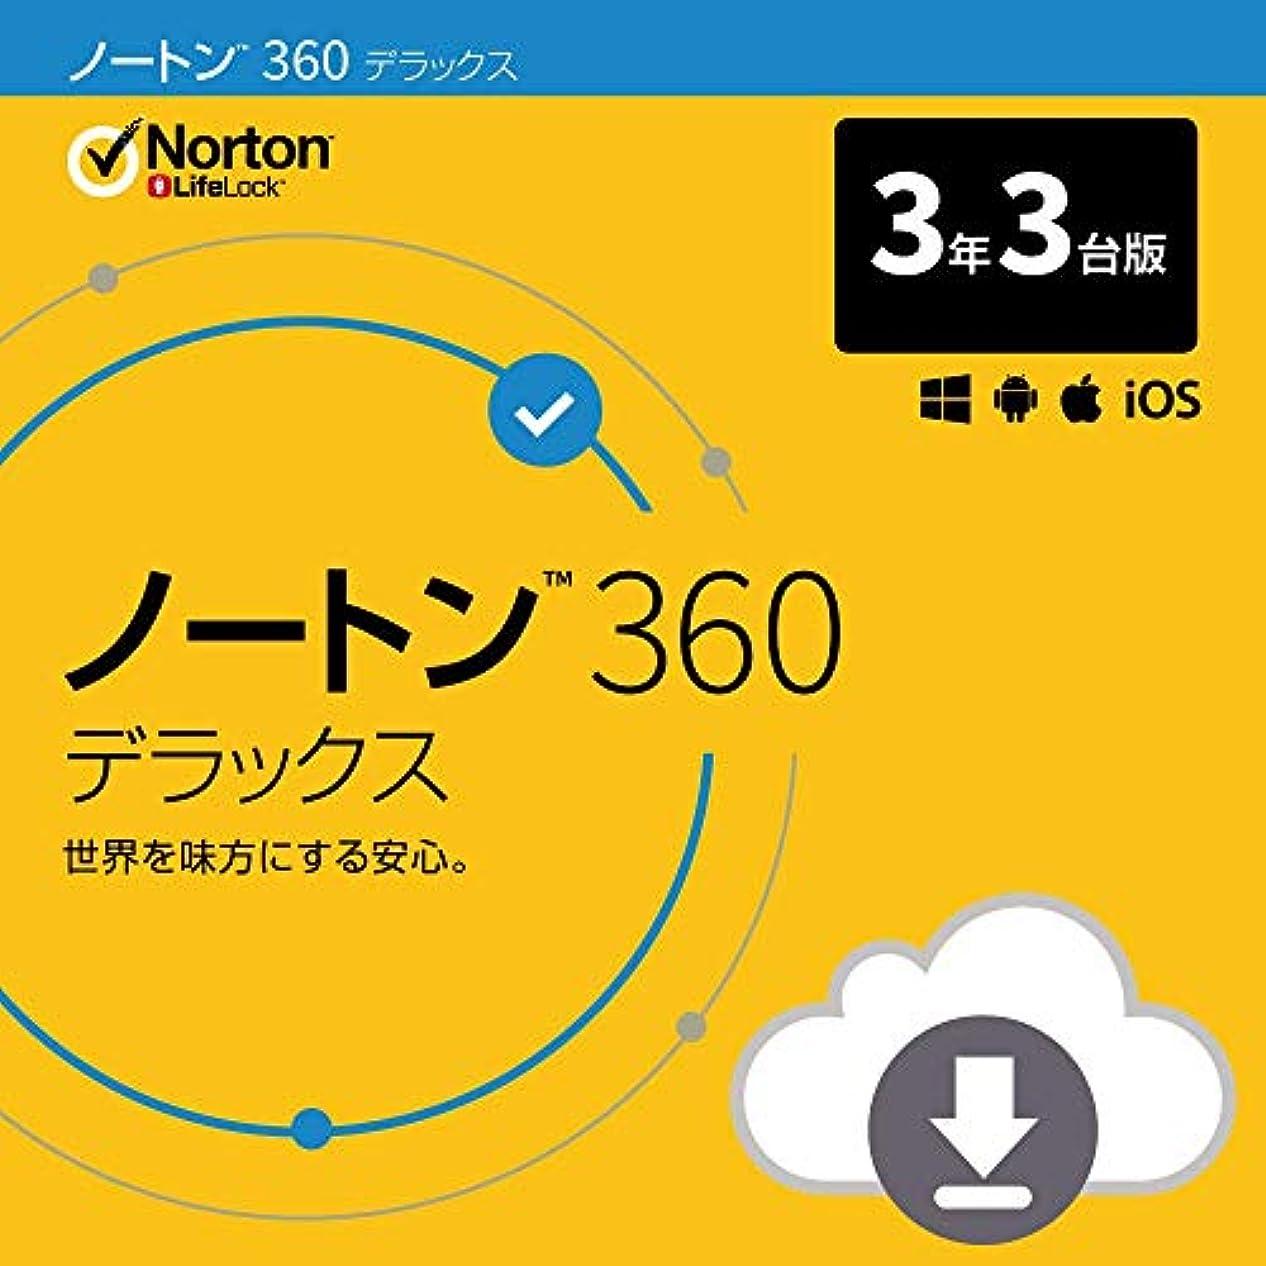 悲劇痛みタバコノートン 360 デラックス セキュリティソフト(最新)|3年3台版|オンラインコード版|Win/Mac/iOS/Android対応